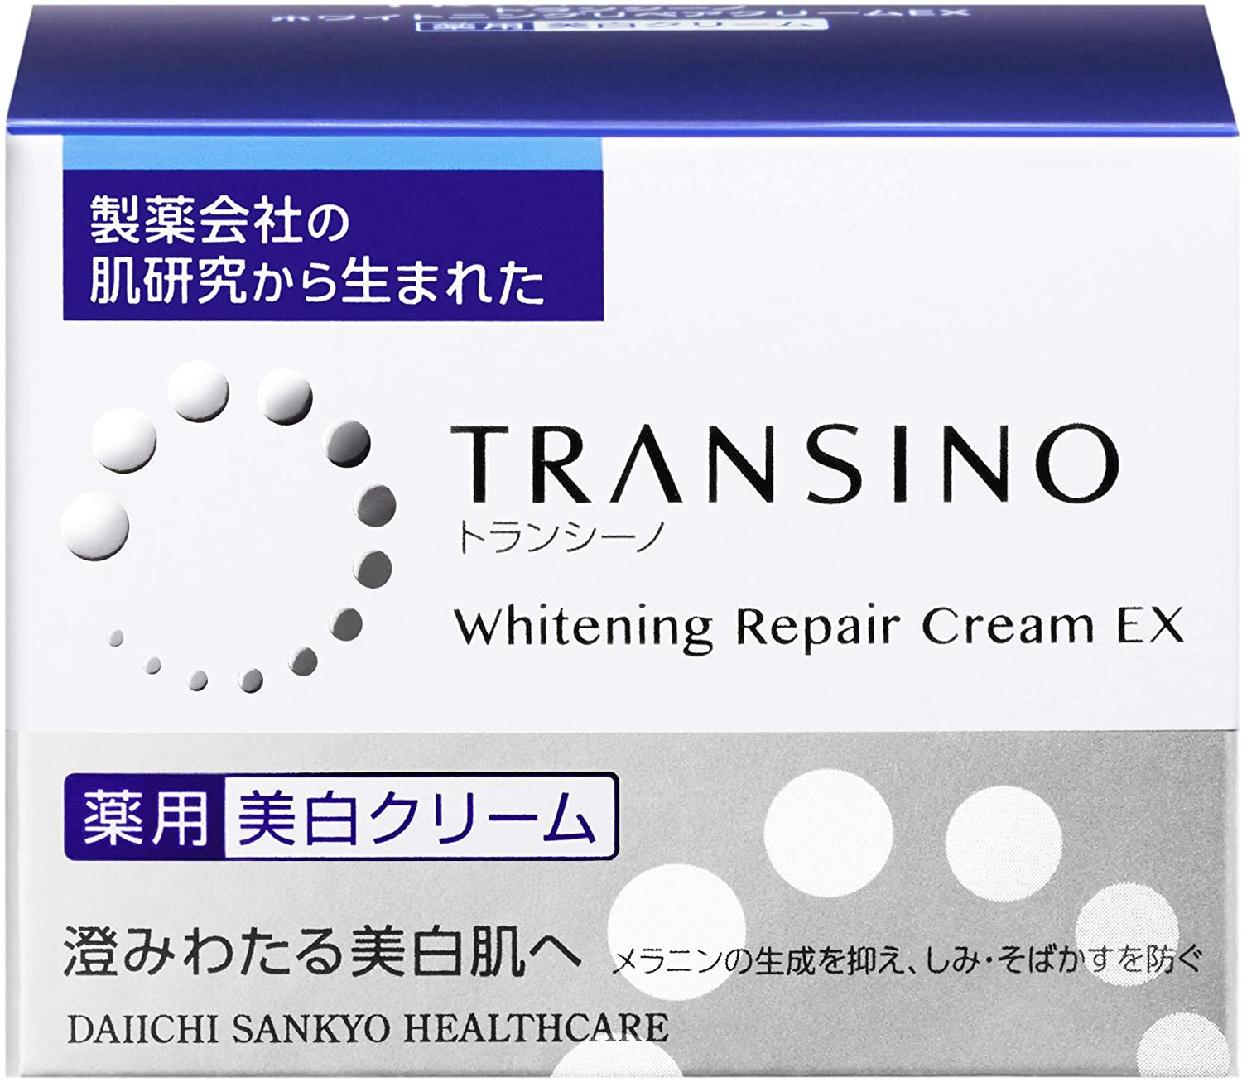 TRANSINO(トランシーノ)薬用ホワイトニングリペアクリームEXの商品画像6